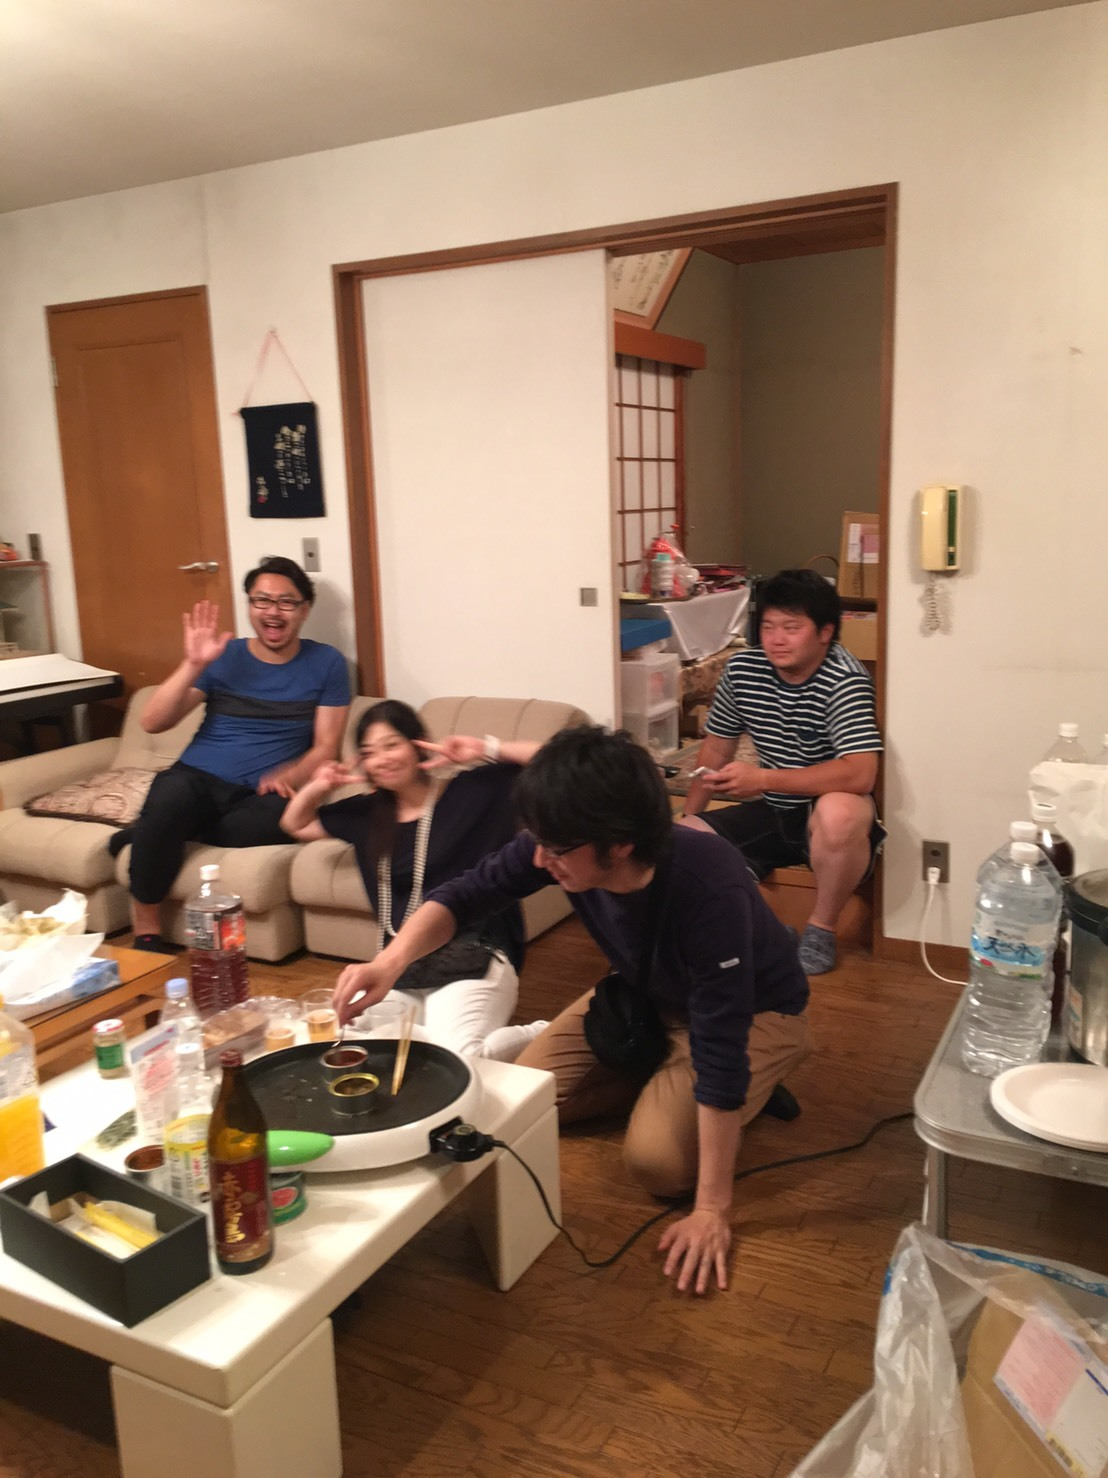 ワンピース飲み会!_a0163623_16395646.jpg